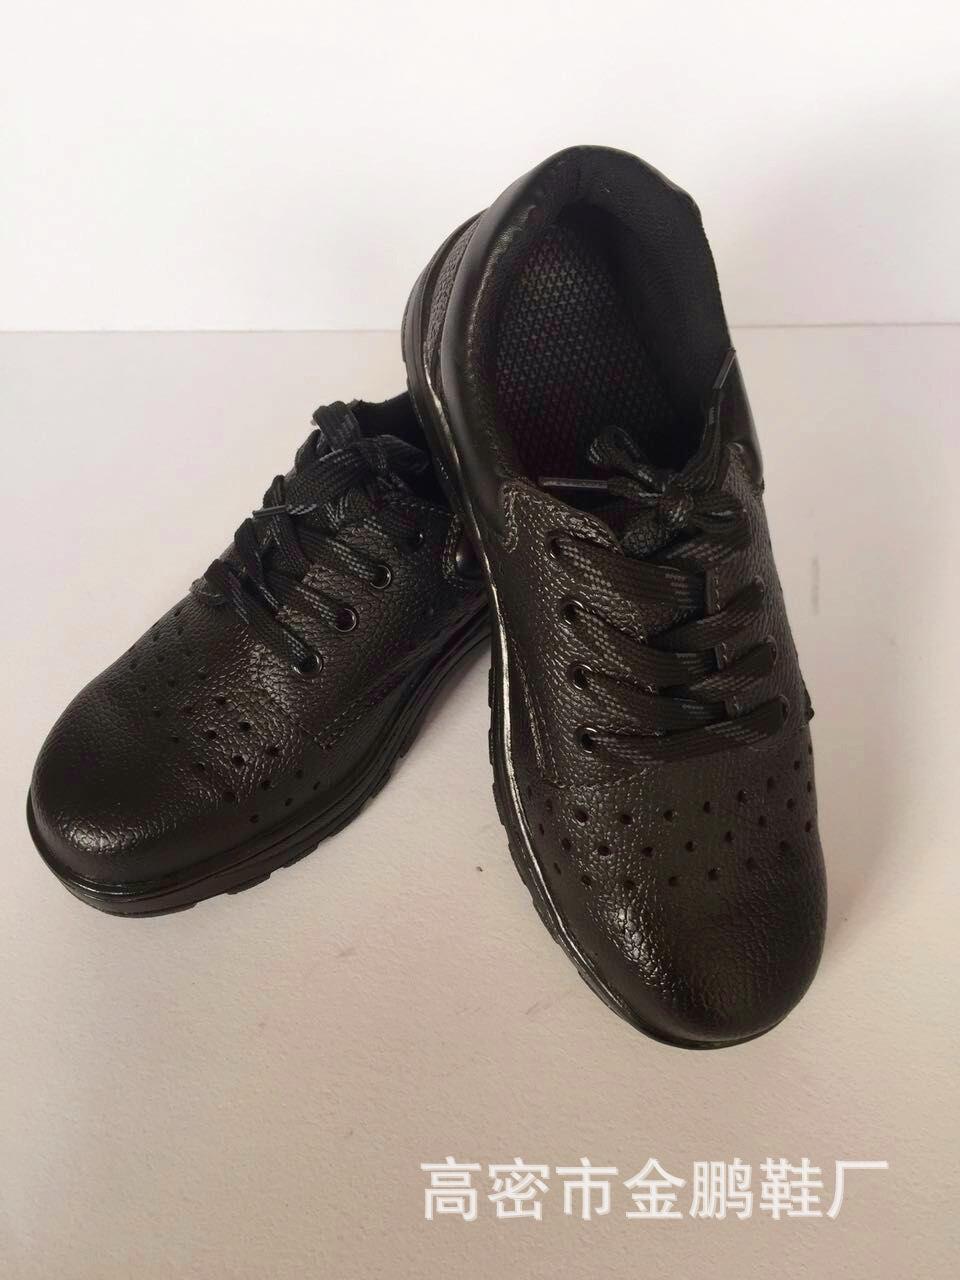 Trợ cấp xã hội giày thở cách nhiệt dung nạp axit oleic giày chống phá đồn An ninh an toàn công việc